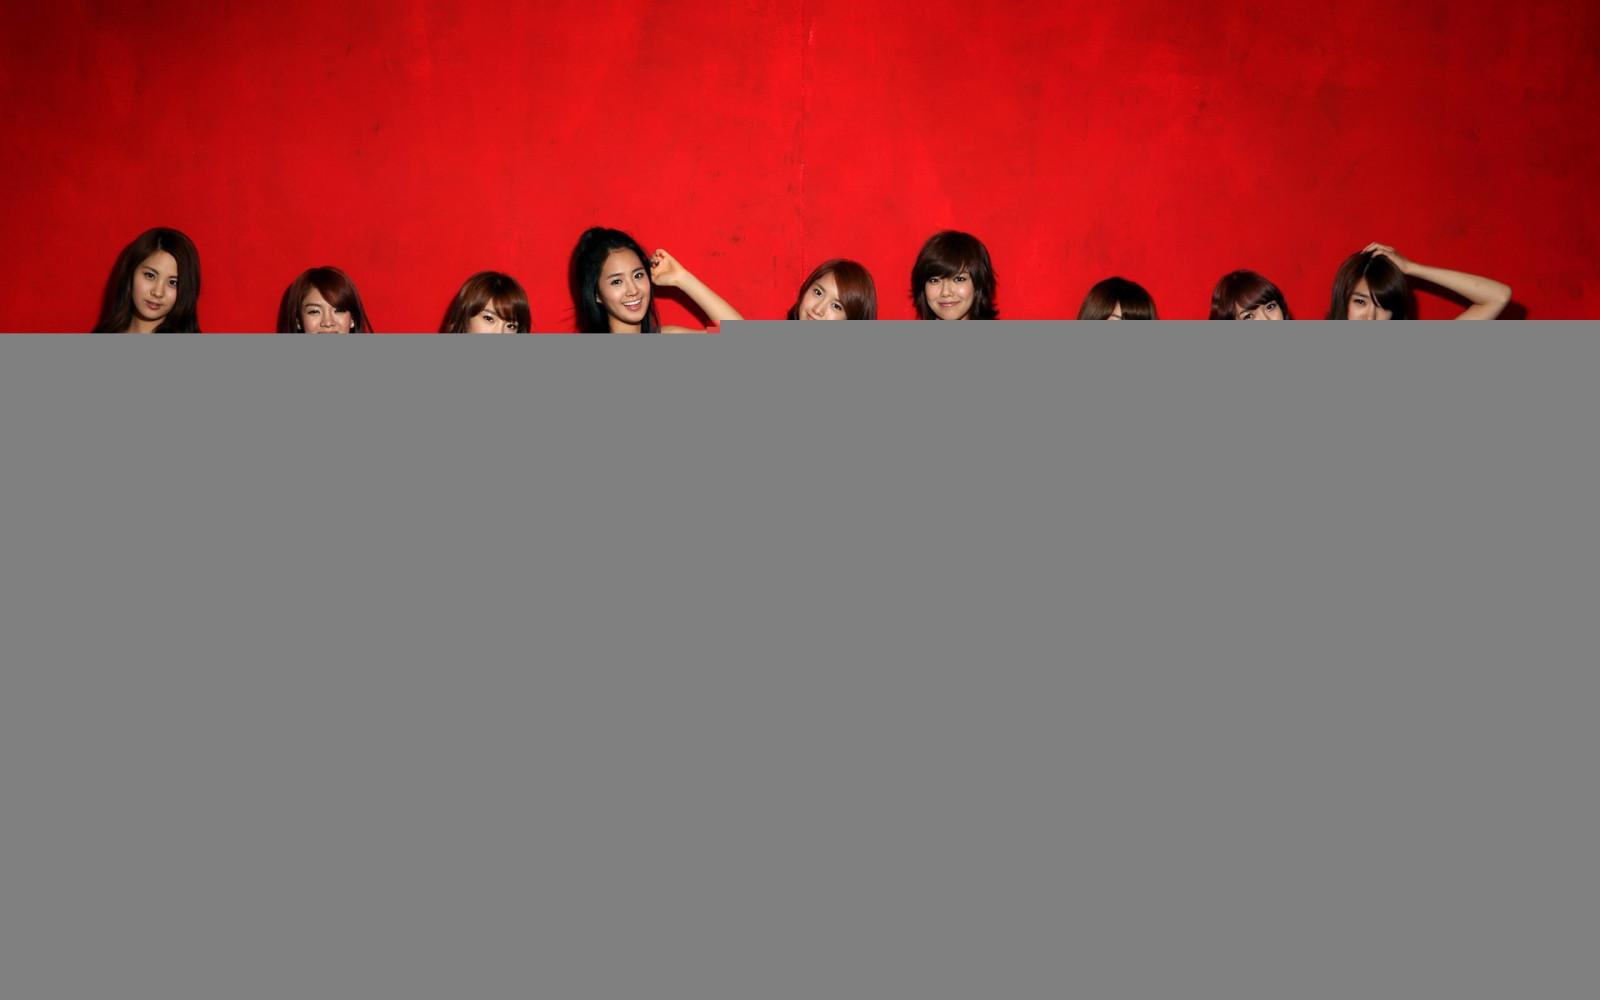 デスクトップ壁紙 モデル 赤 アジア人 テキスト 韓国語 少女